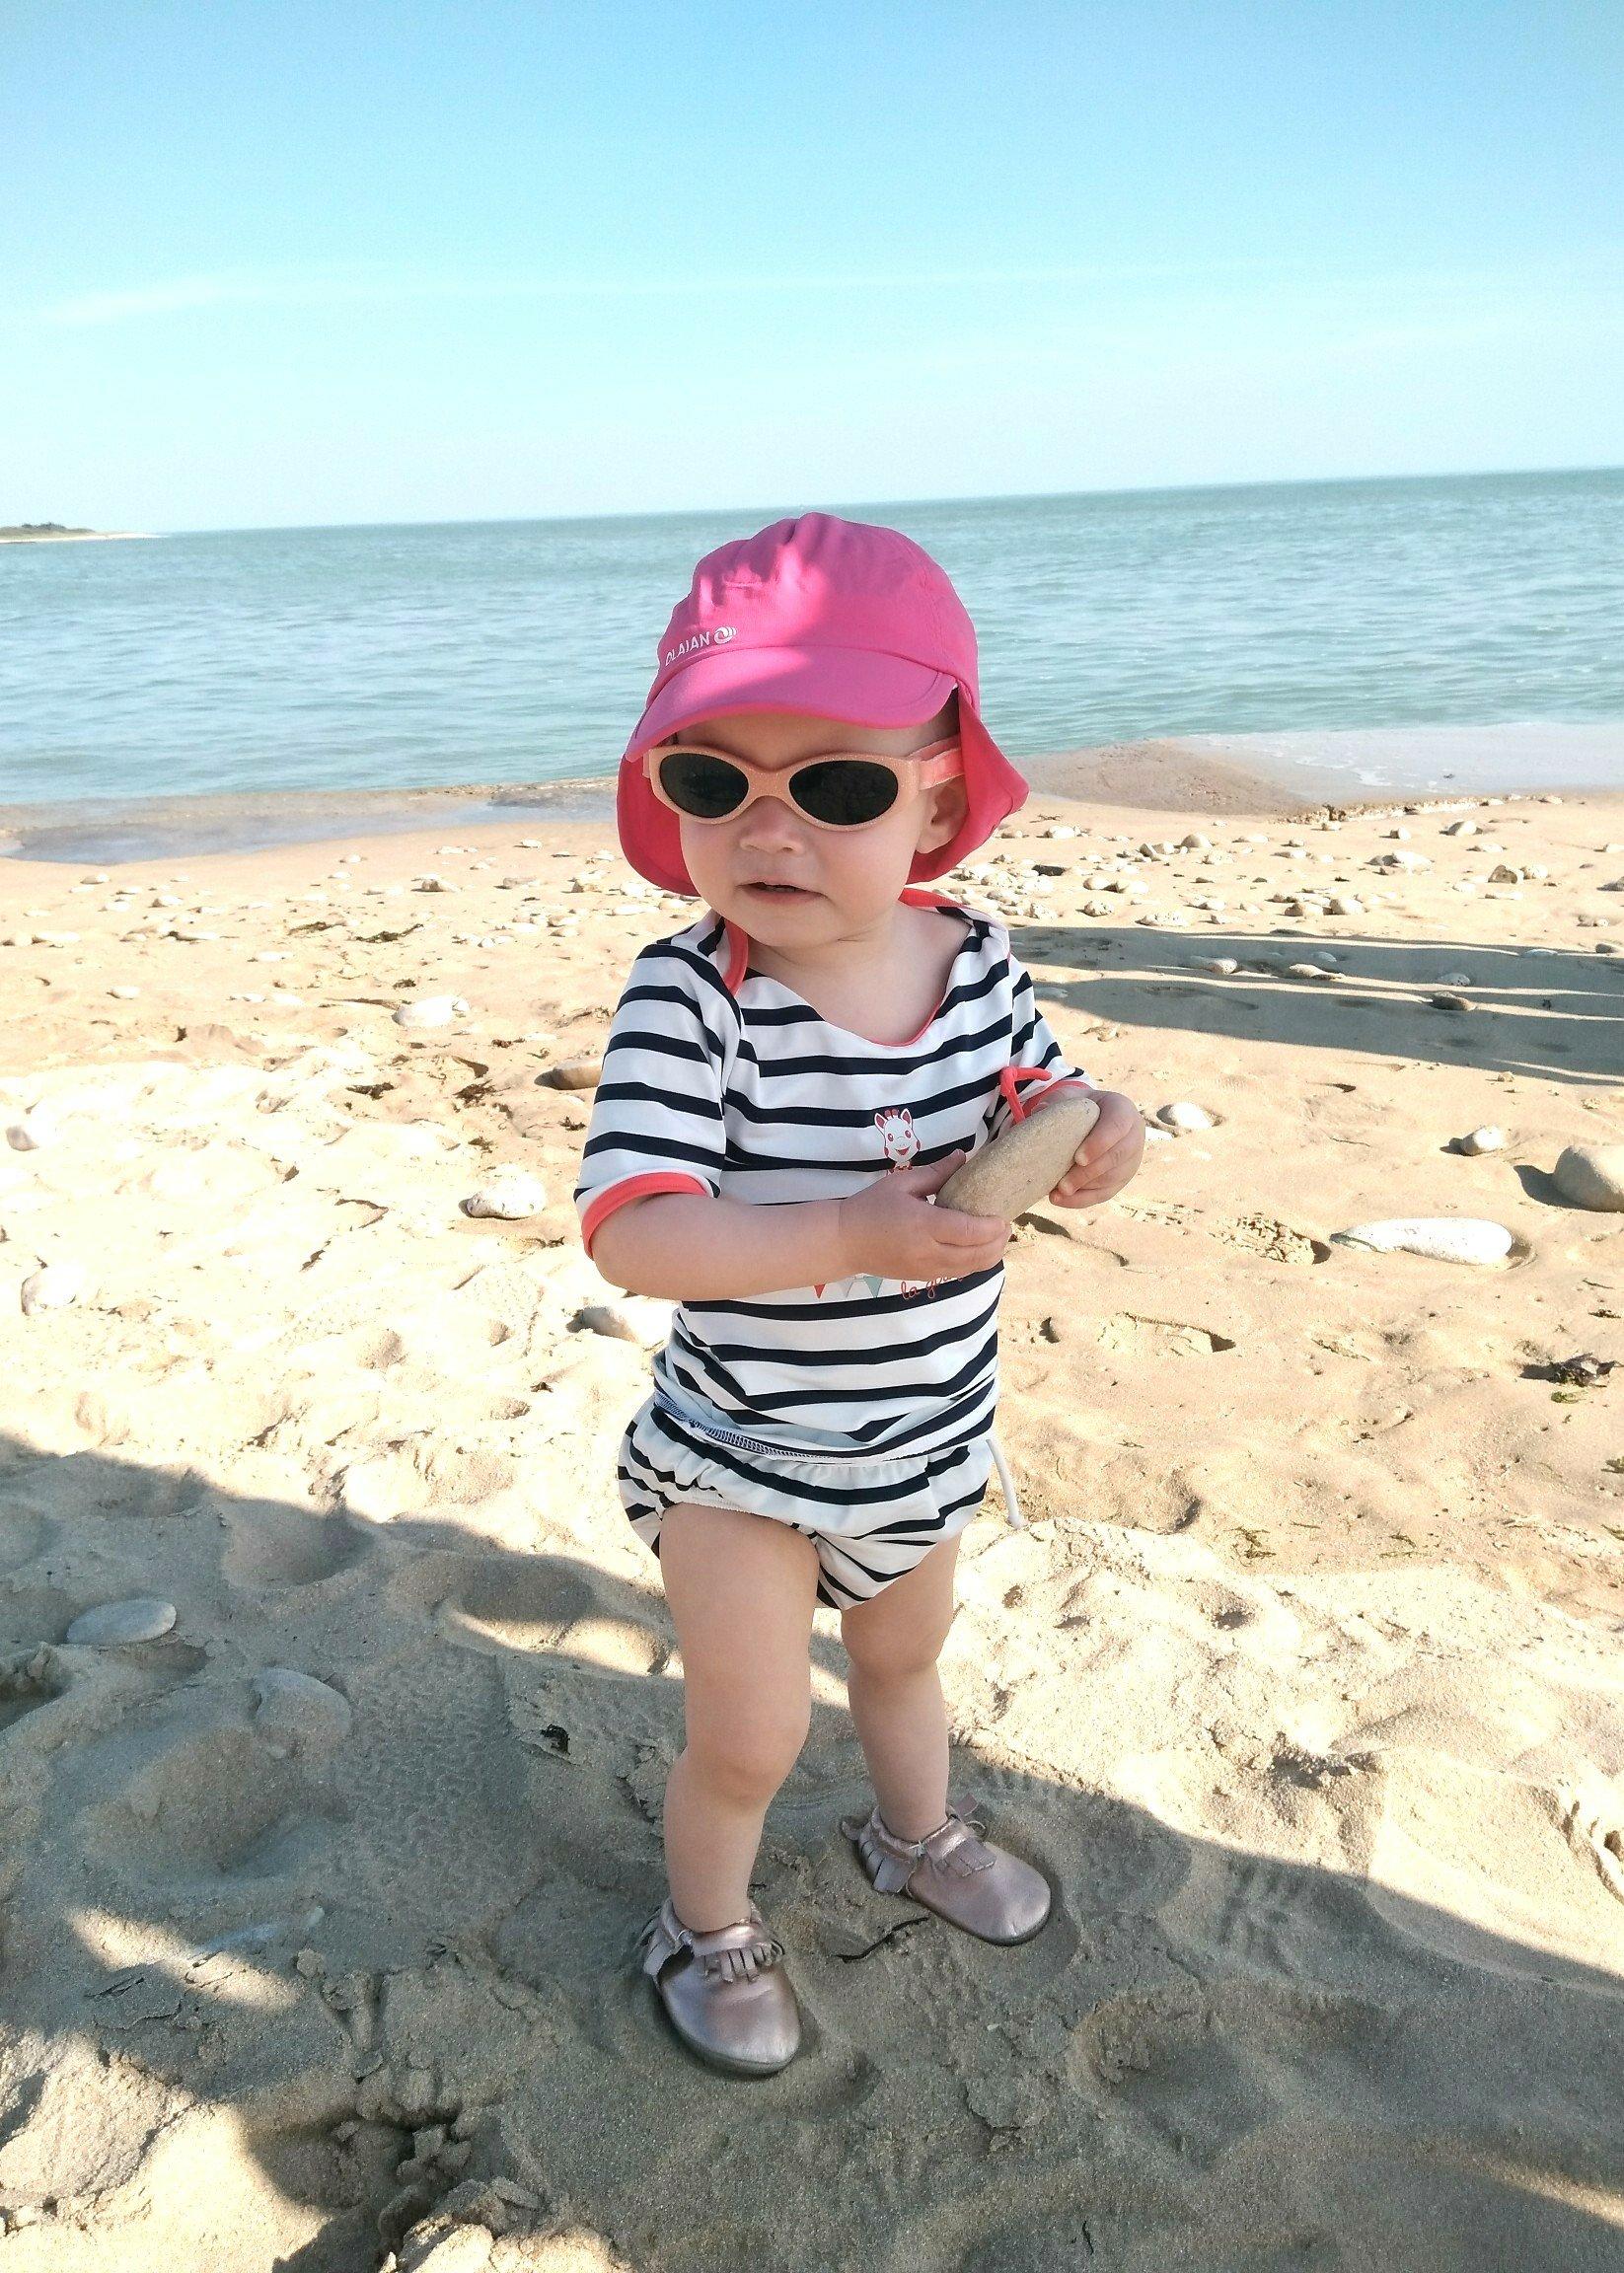 bébé au bord de l'eau avec un maillot de bain anti UV MAYOPARASOL